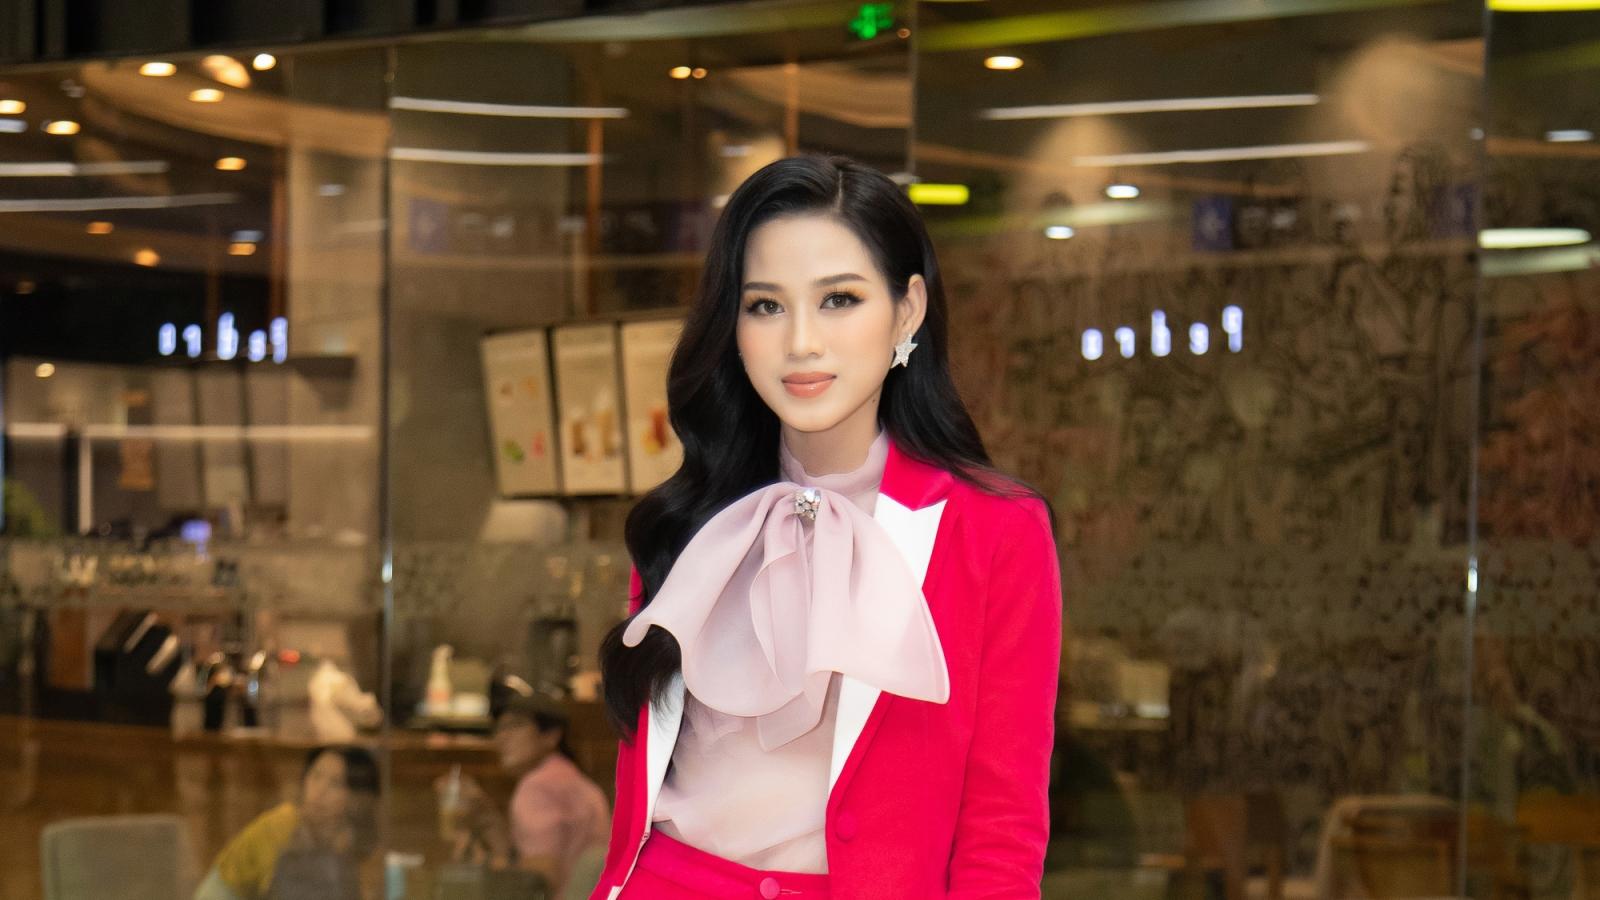 Hoa hậu Đỗ Hà khoe sắc trong bộ cánh menswear màu hồng ấn tượng